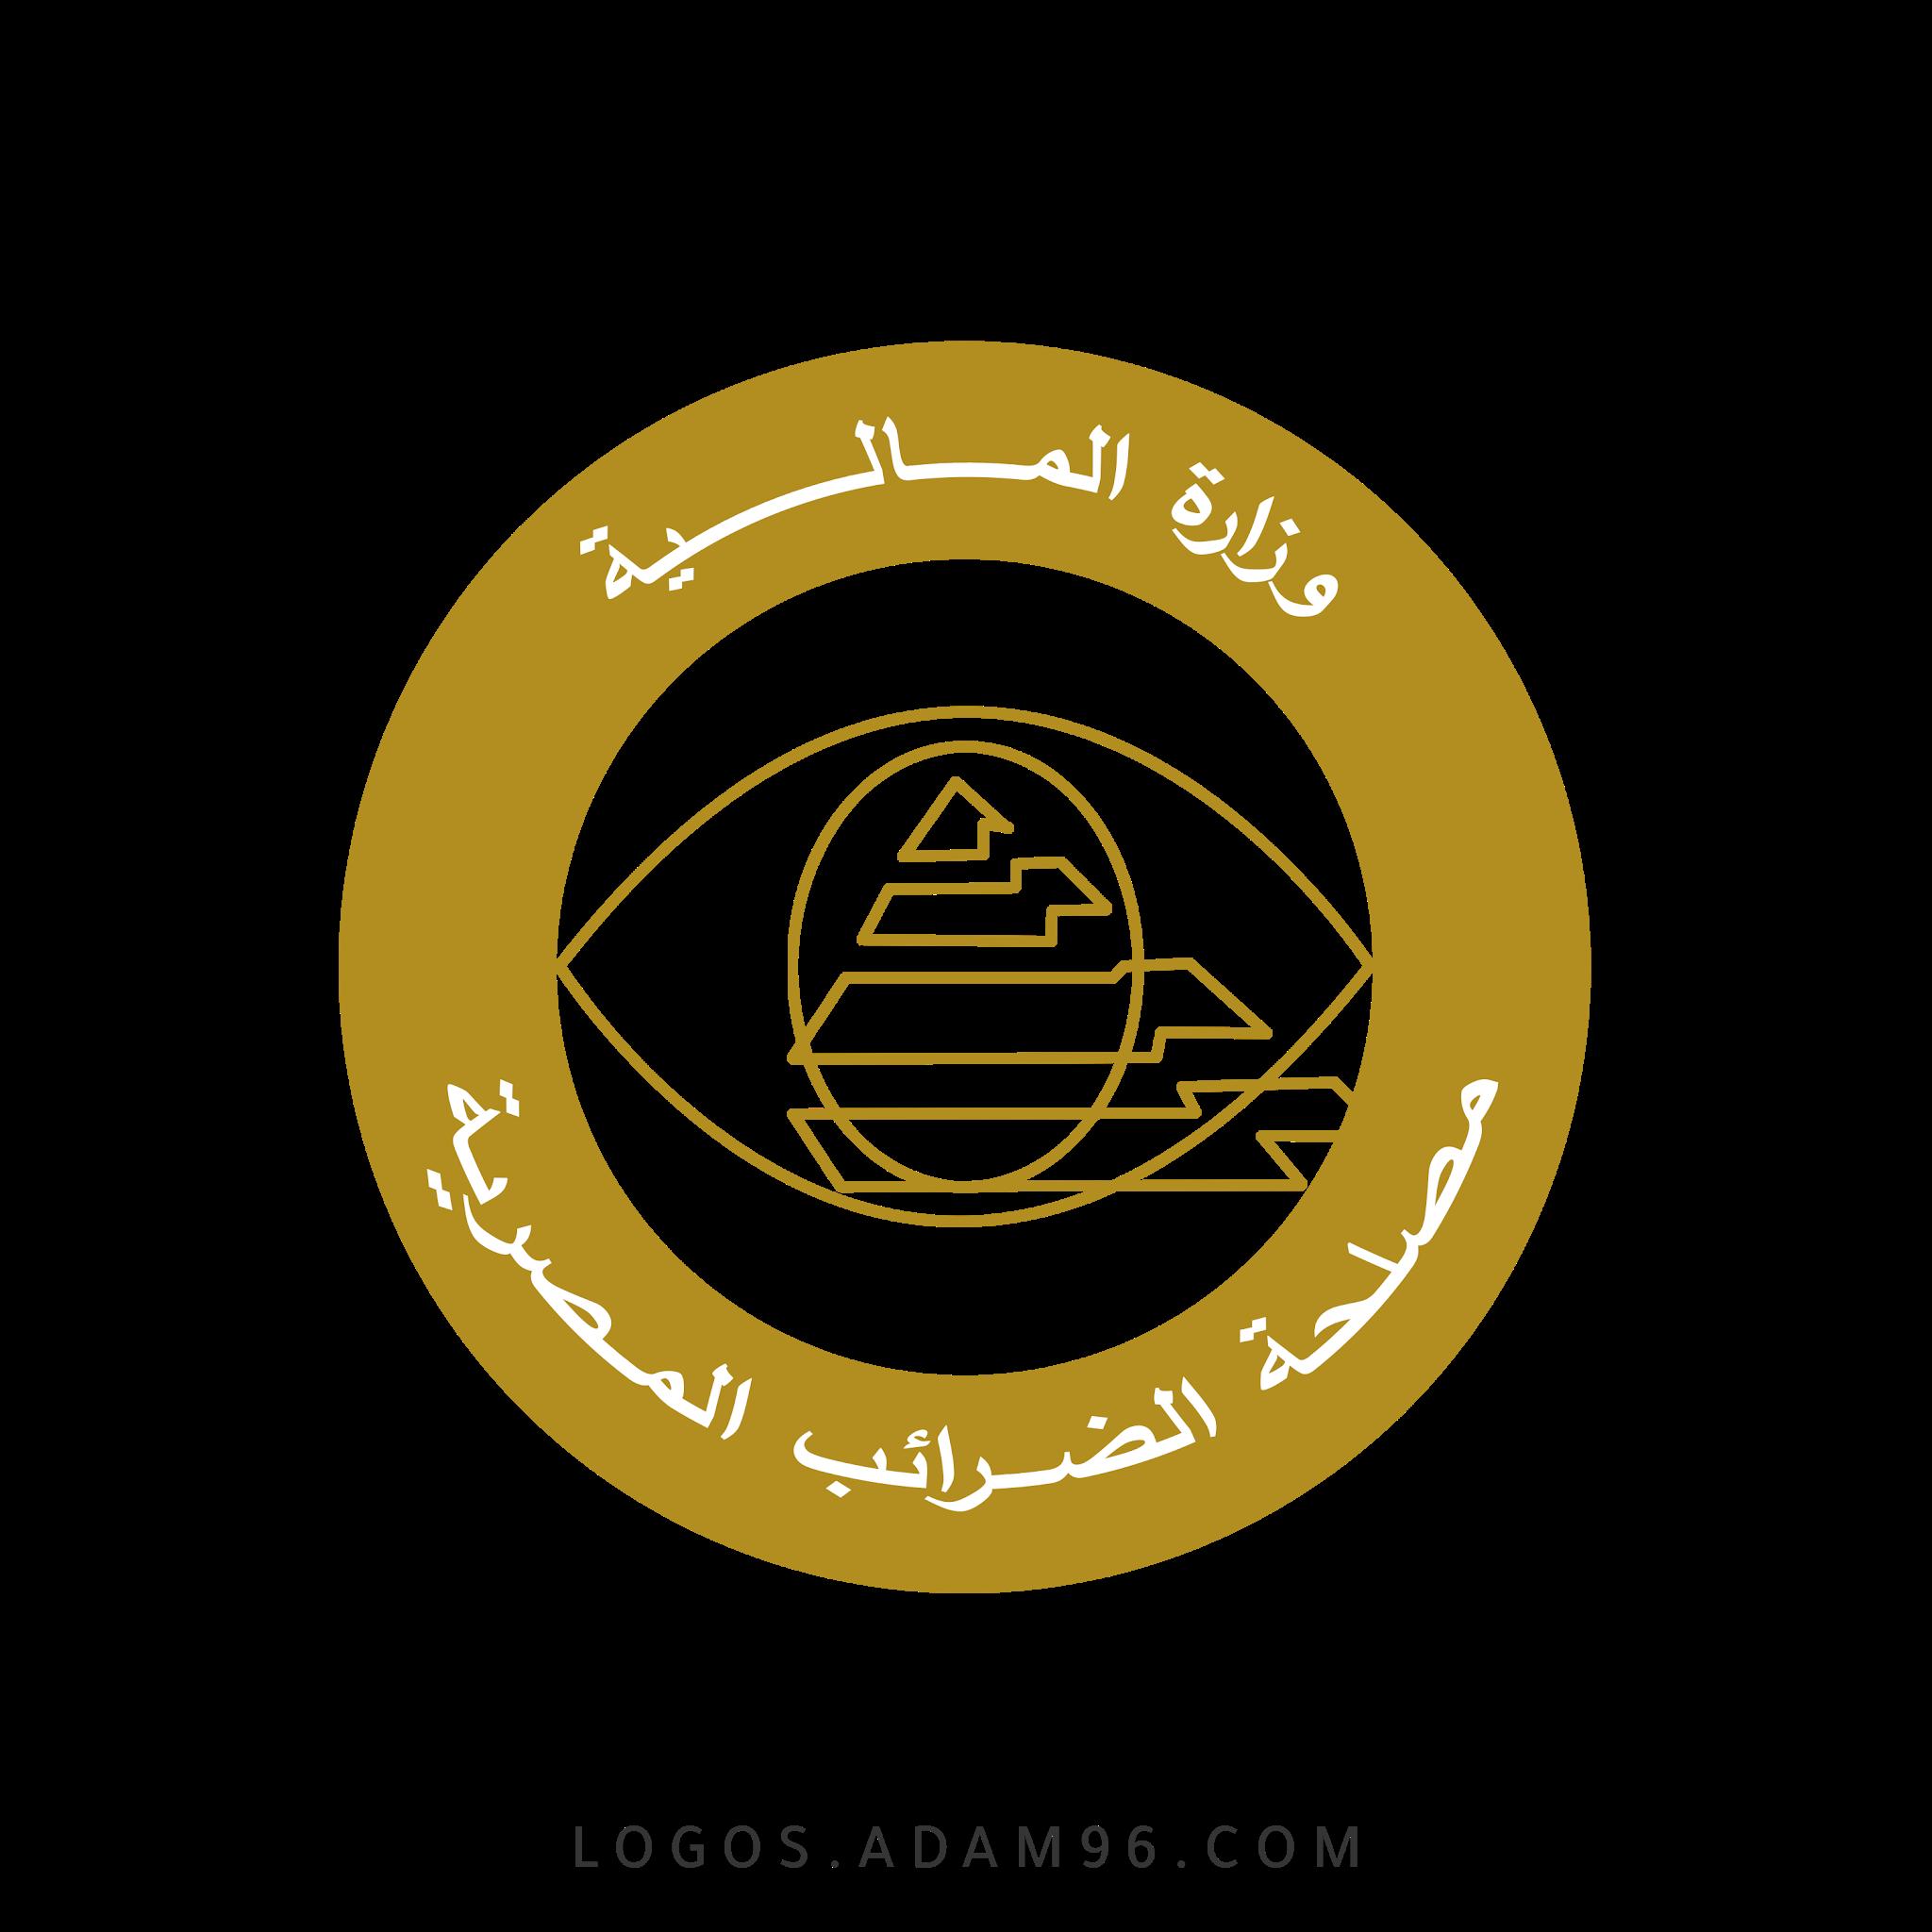 تحميل شعار مصلحة الضرائب المصرية لوجو رسمي عالي الدقة شفاف PNG